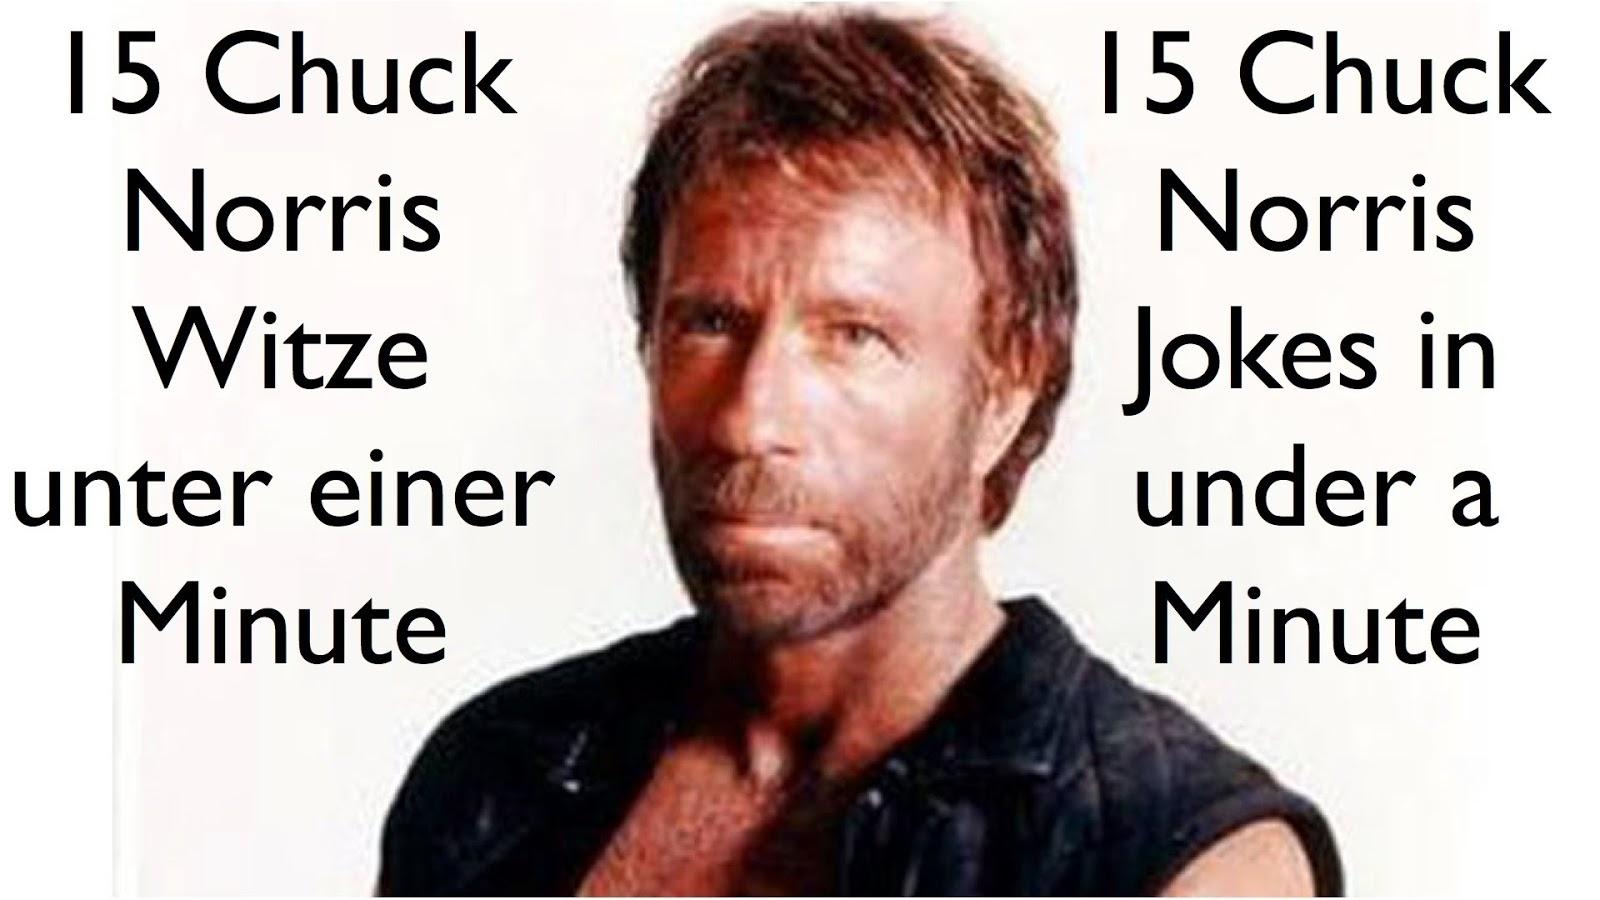 Chuck Noriss Witze